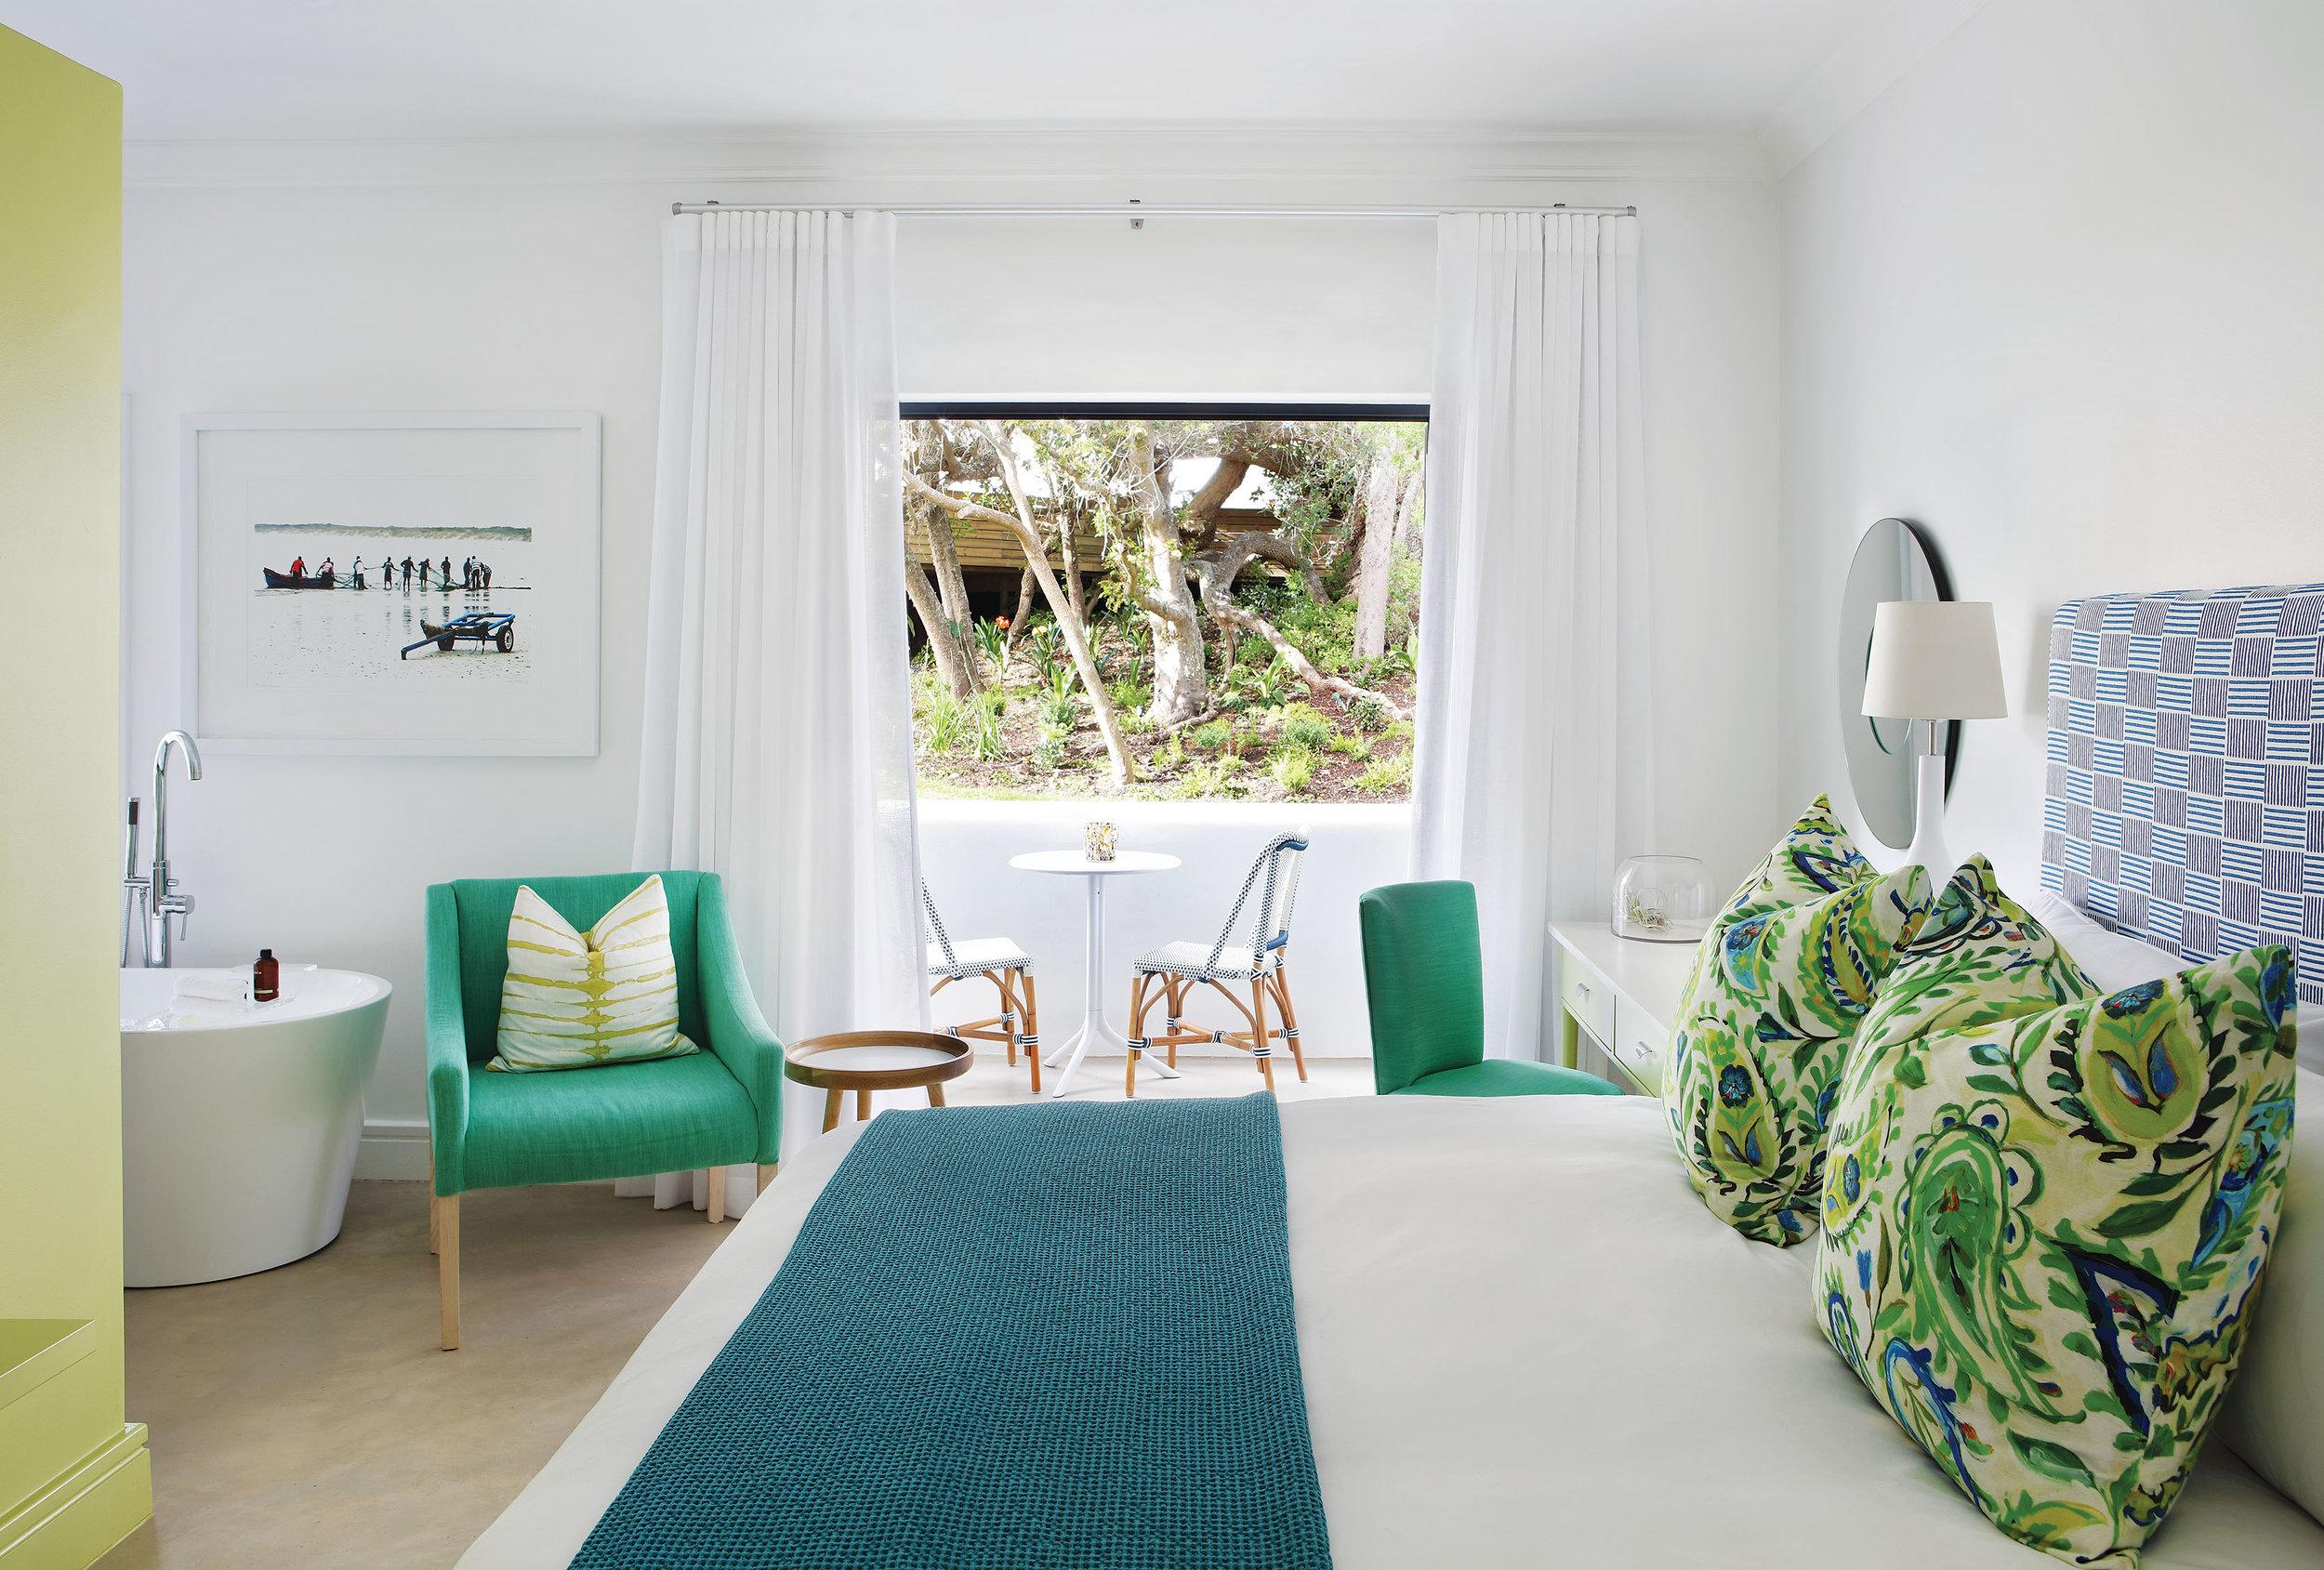 or_room_pool_green2tif.jpg